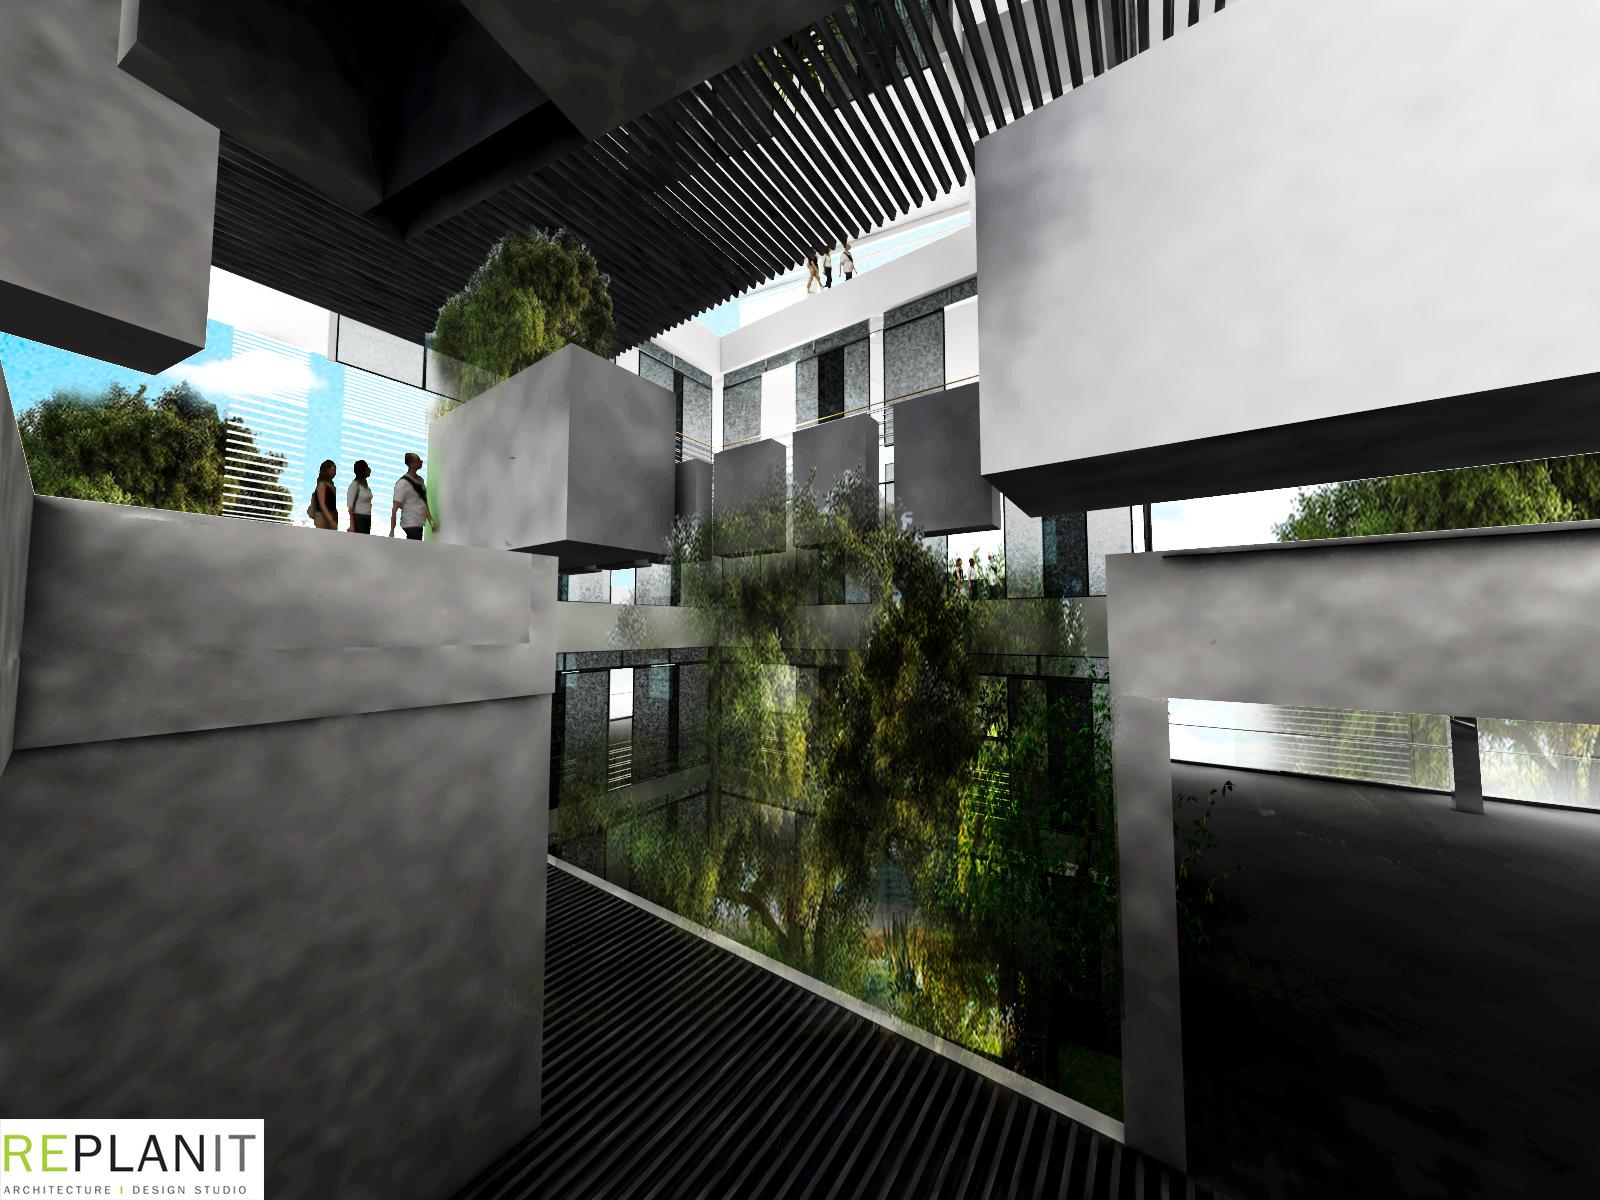 אדריכל מייקל כספי -  2 גלריה לאמנות תל אביב